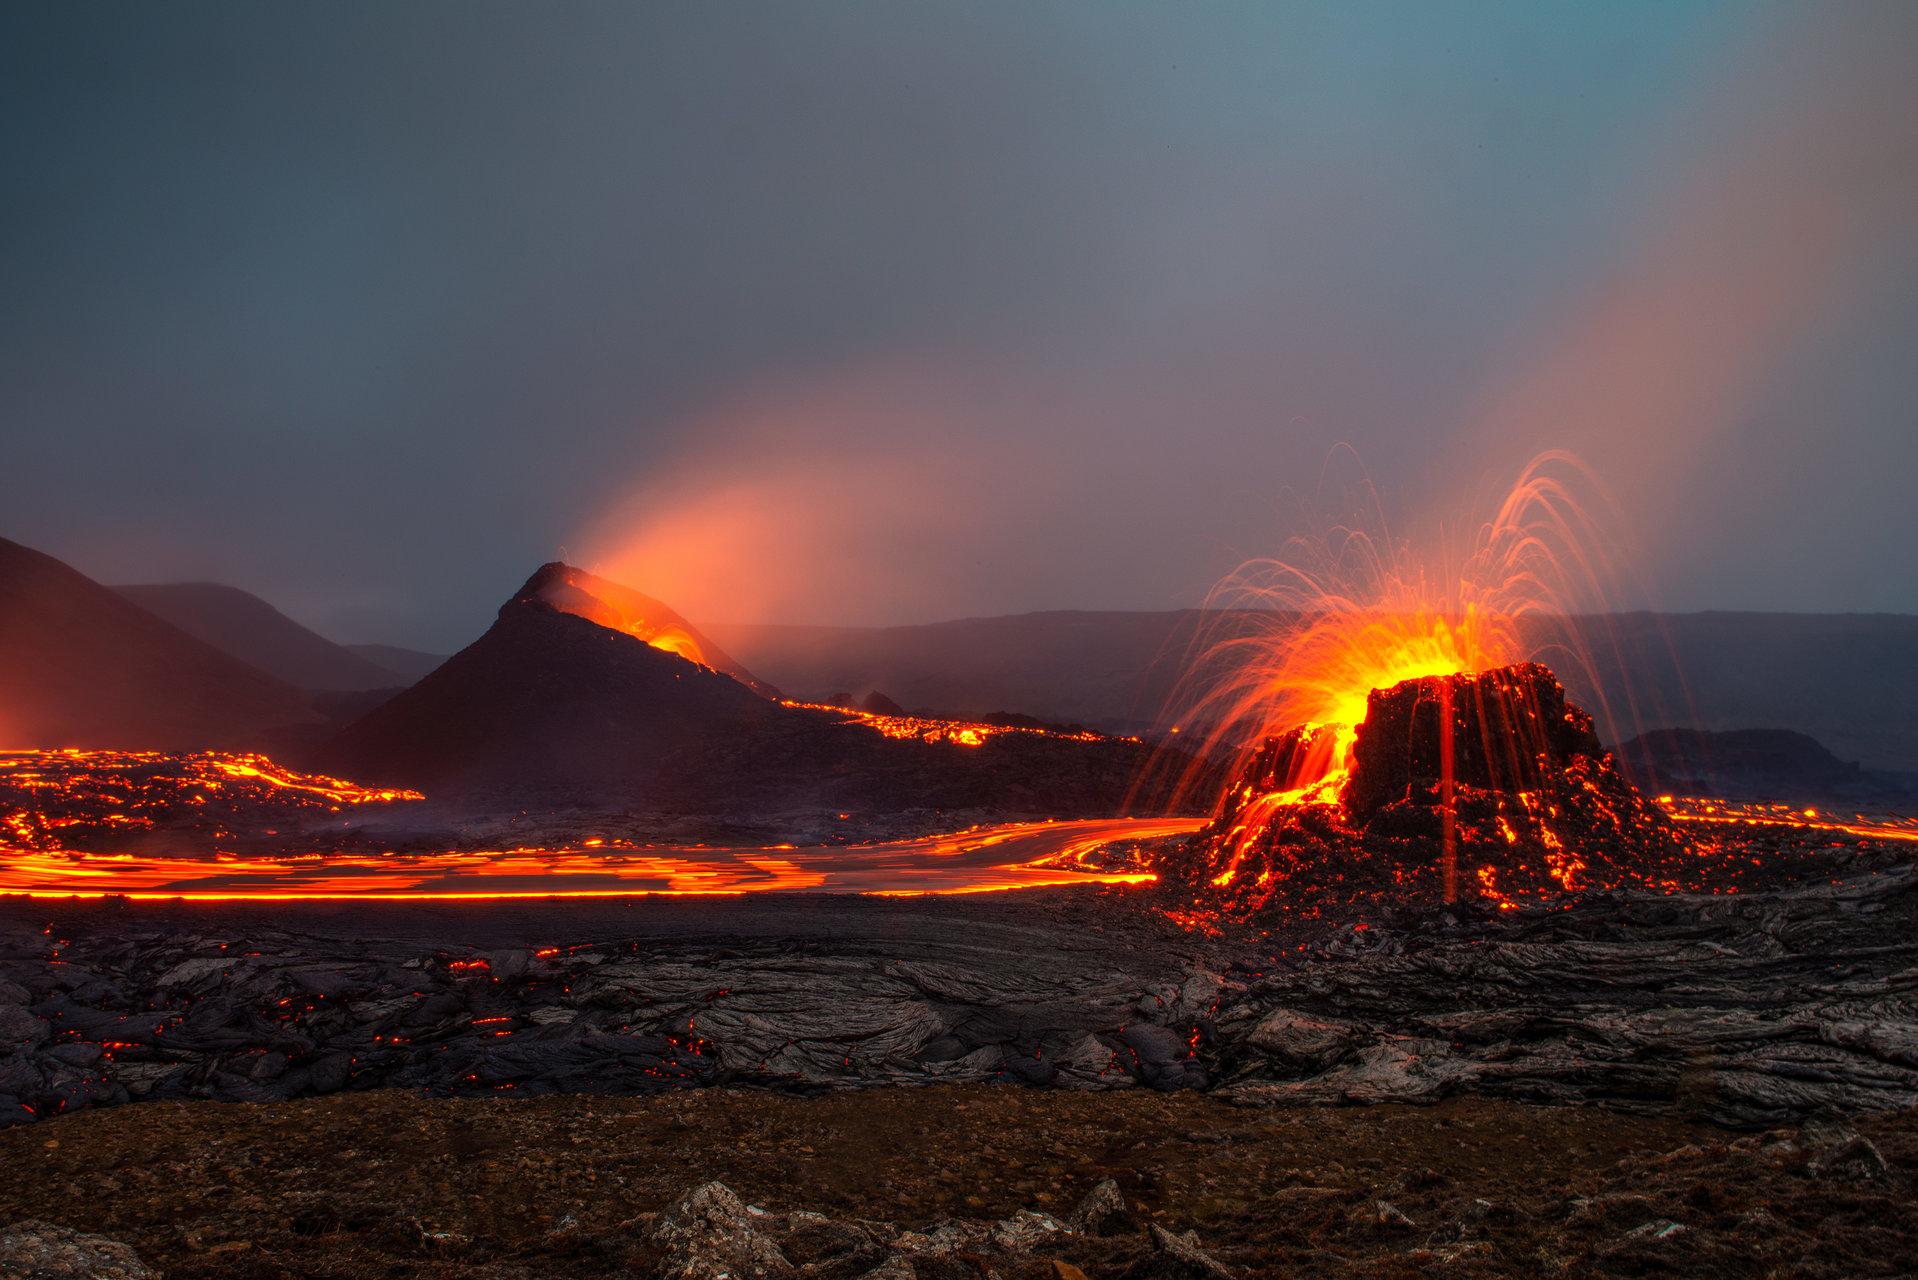 Вулканични приказки | Author Ivan Kalinov - Vank0 | PHOTO FORUM